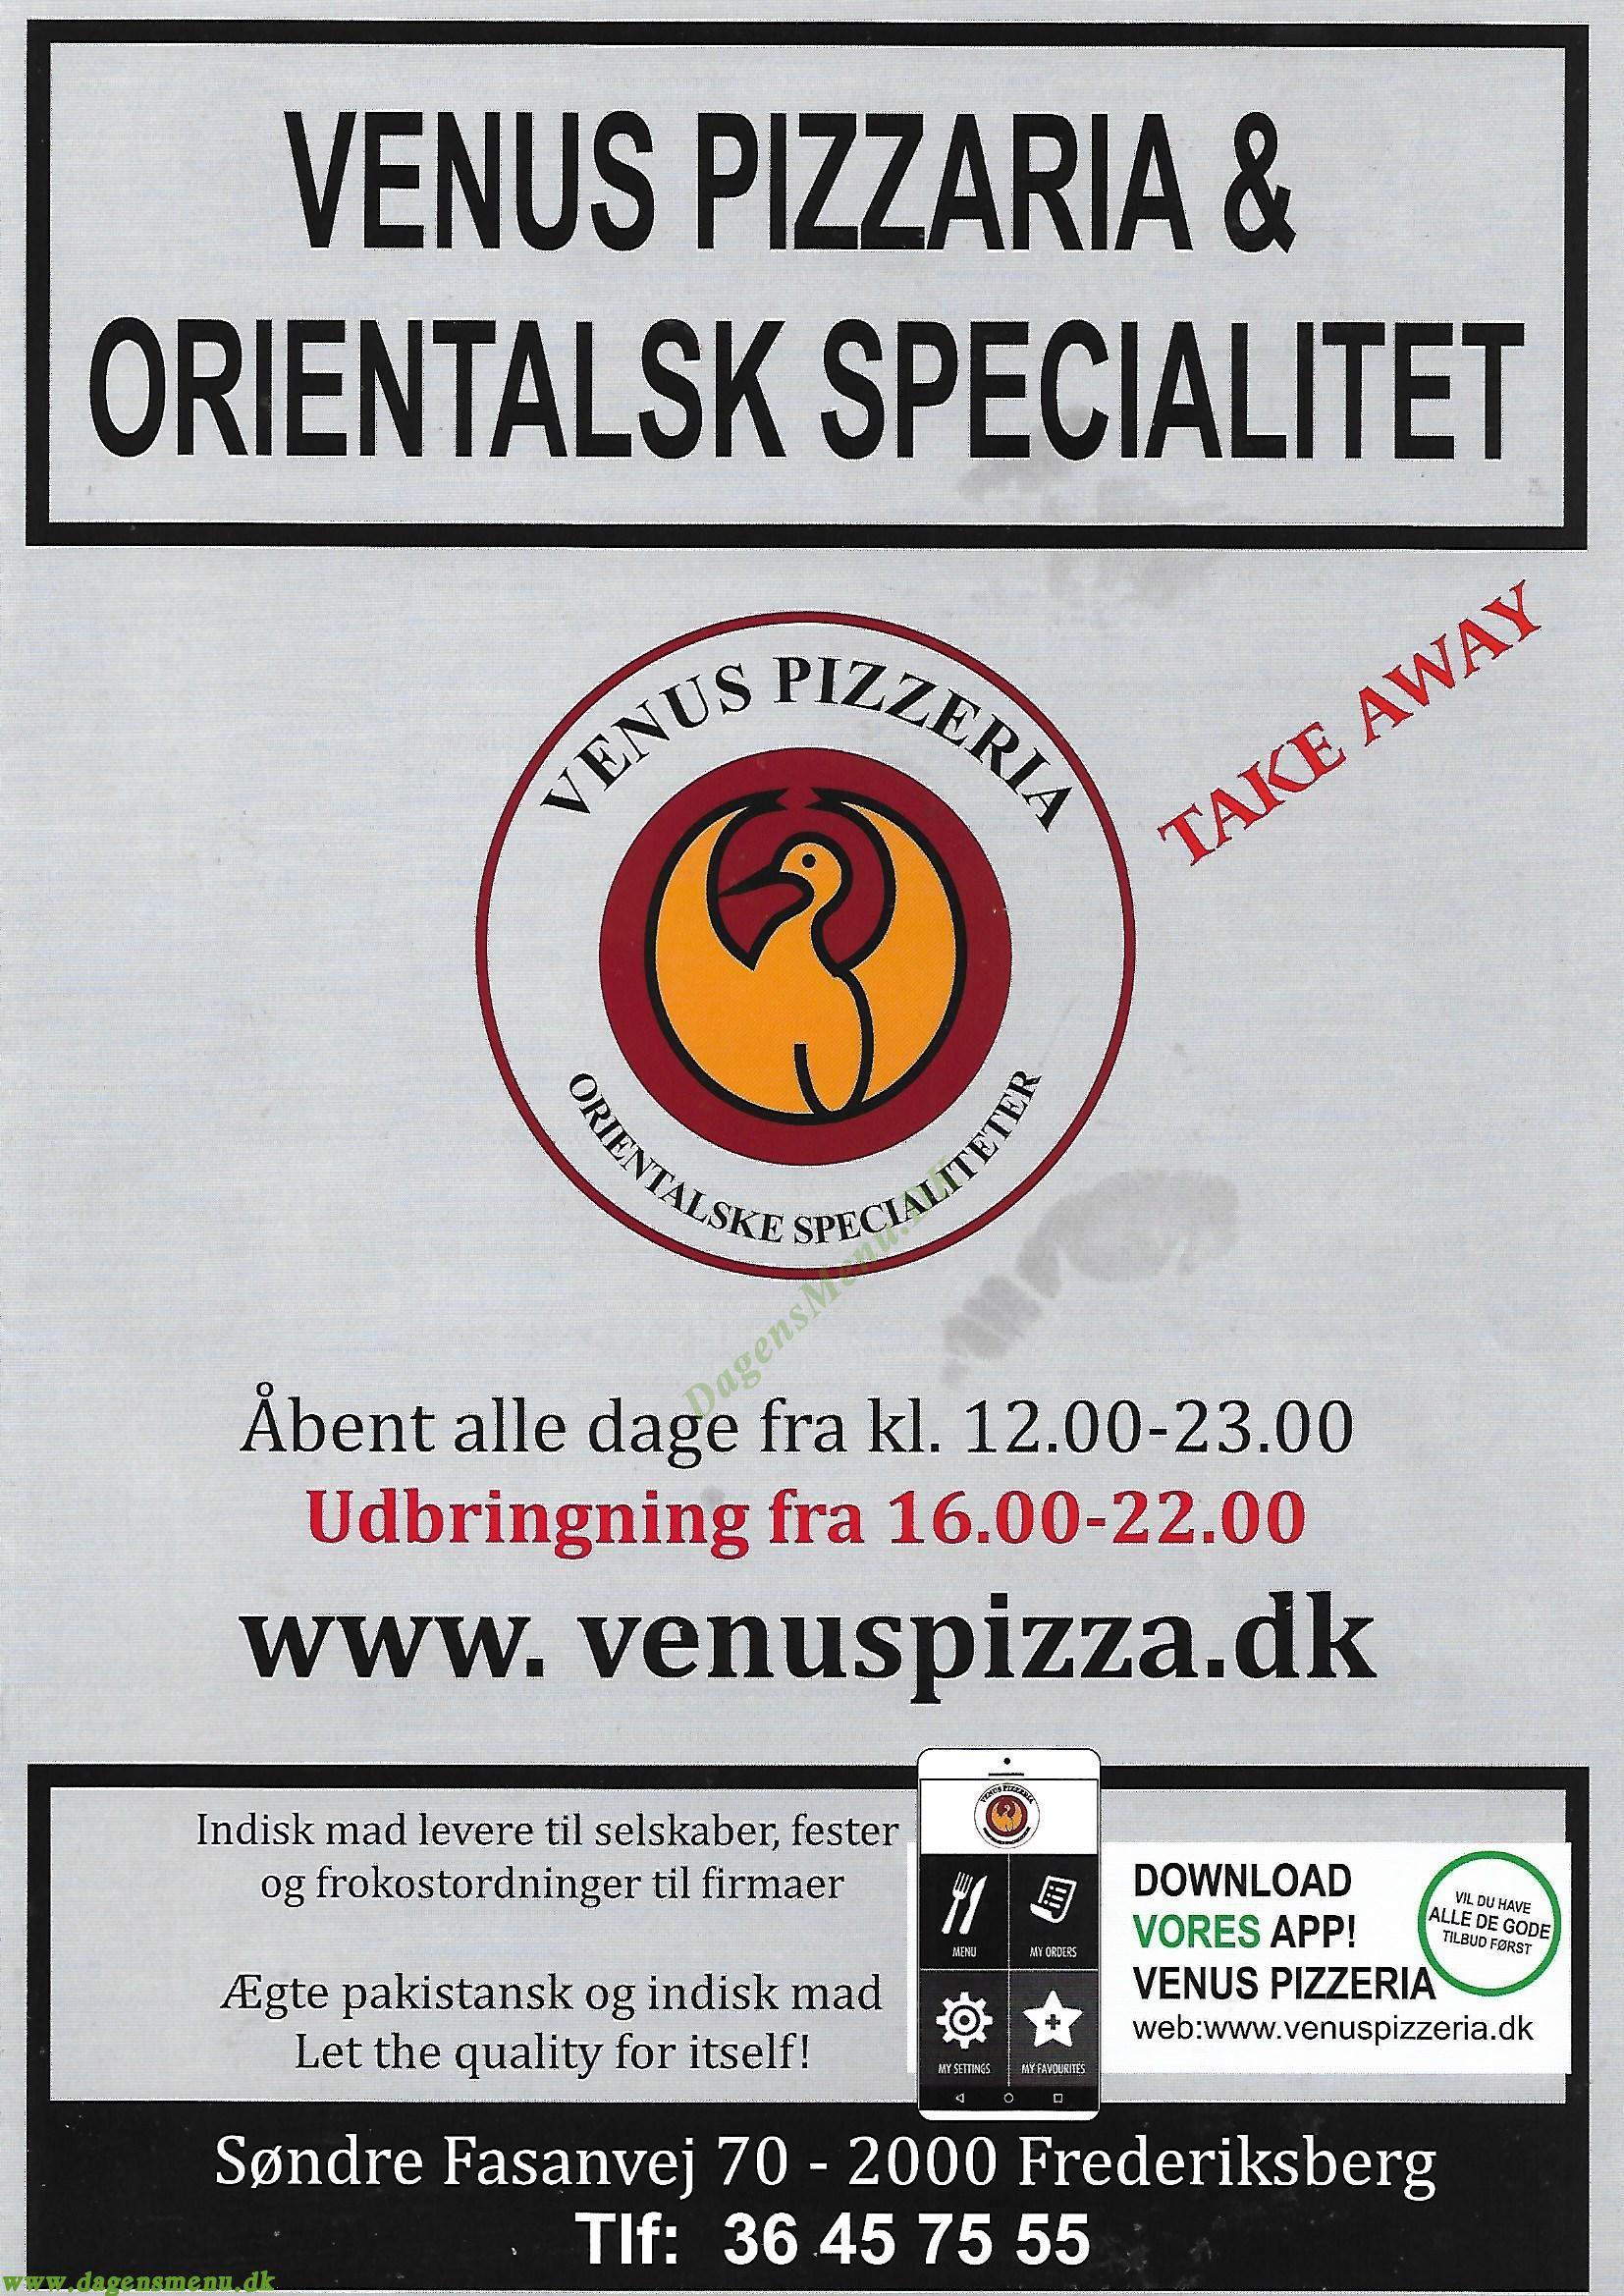 Venus Pizza - Menukort